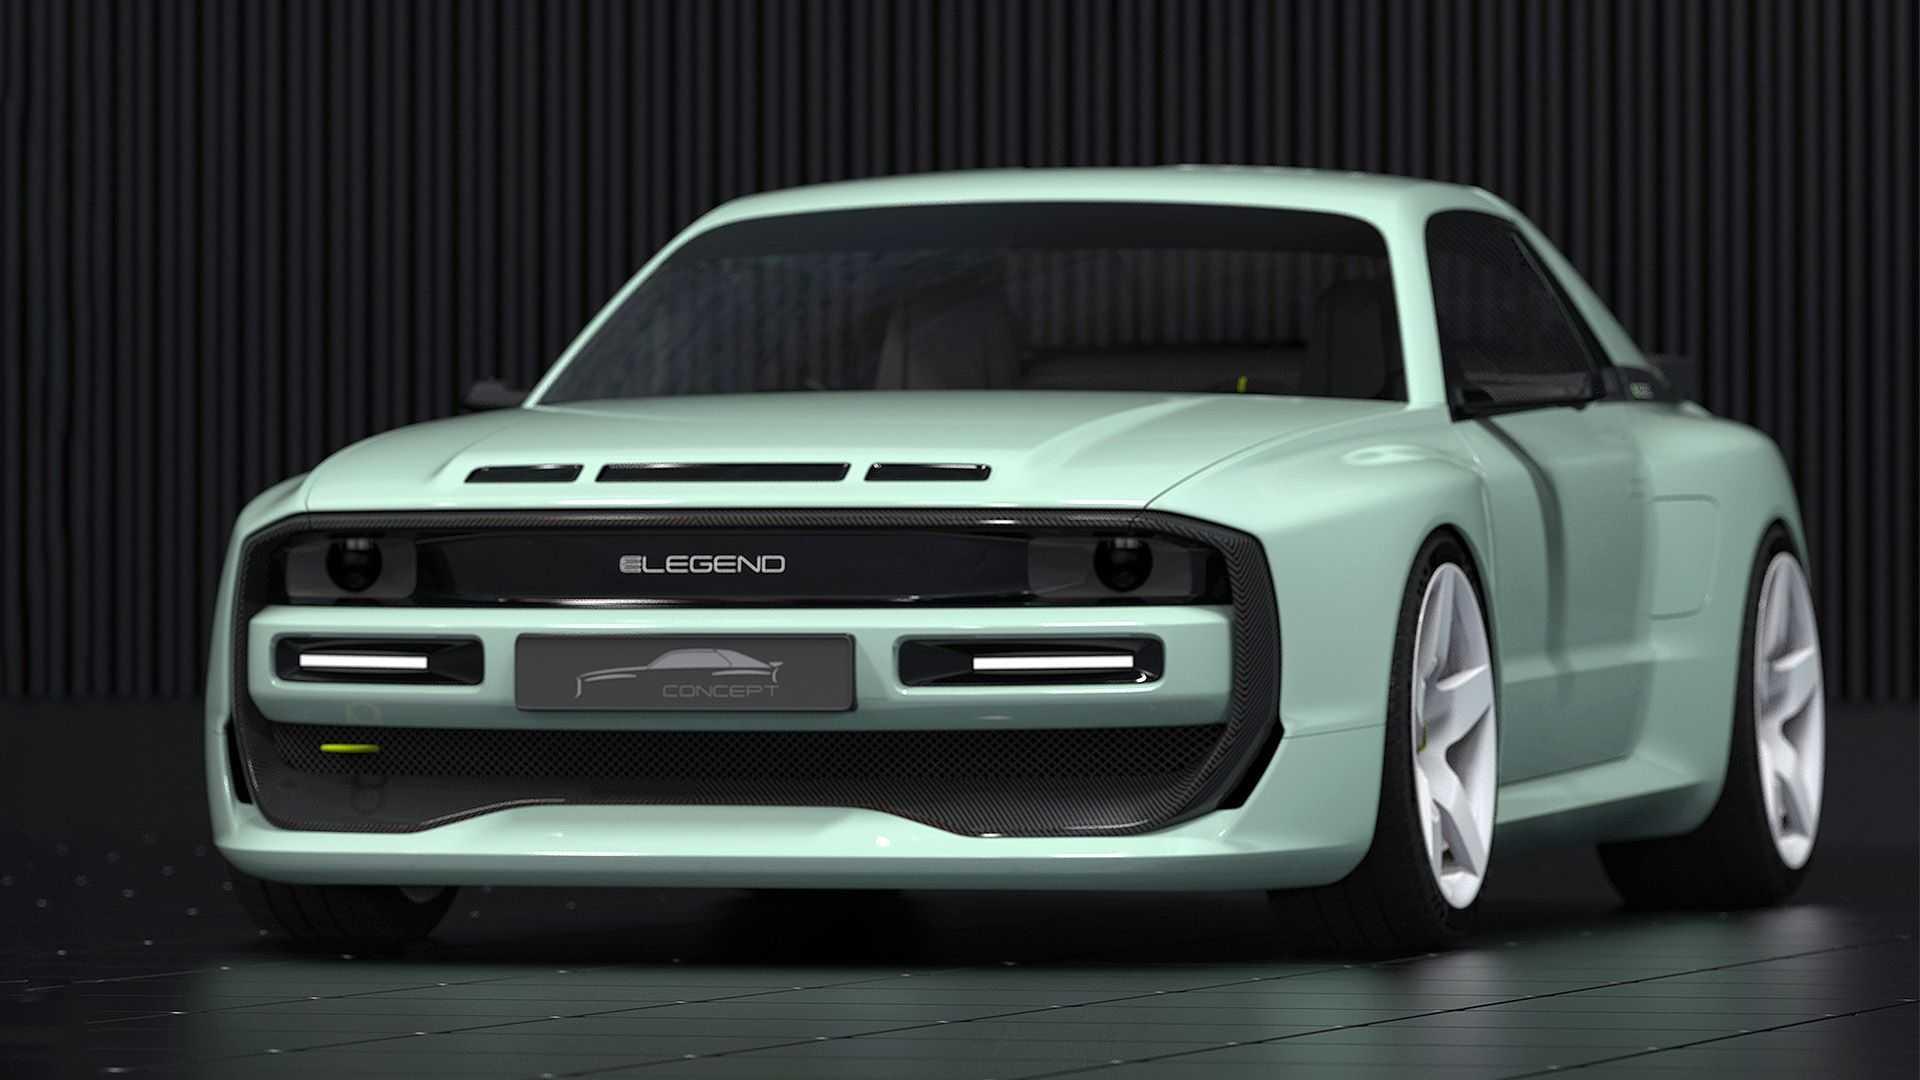 Nuevo E-Legend EL1 2021: el sucesor eléctrico del mítico Audi Sport Quattro S1